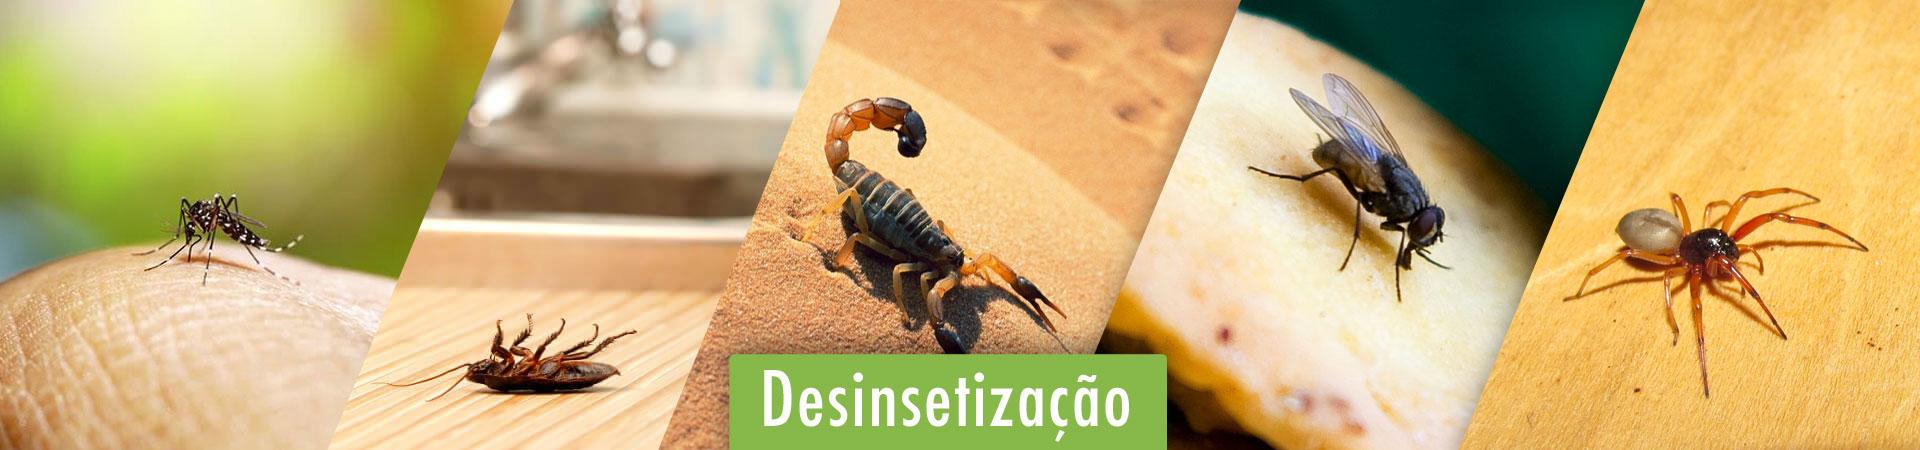 desinsetizacao-em-braganca-paulista-sp